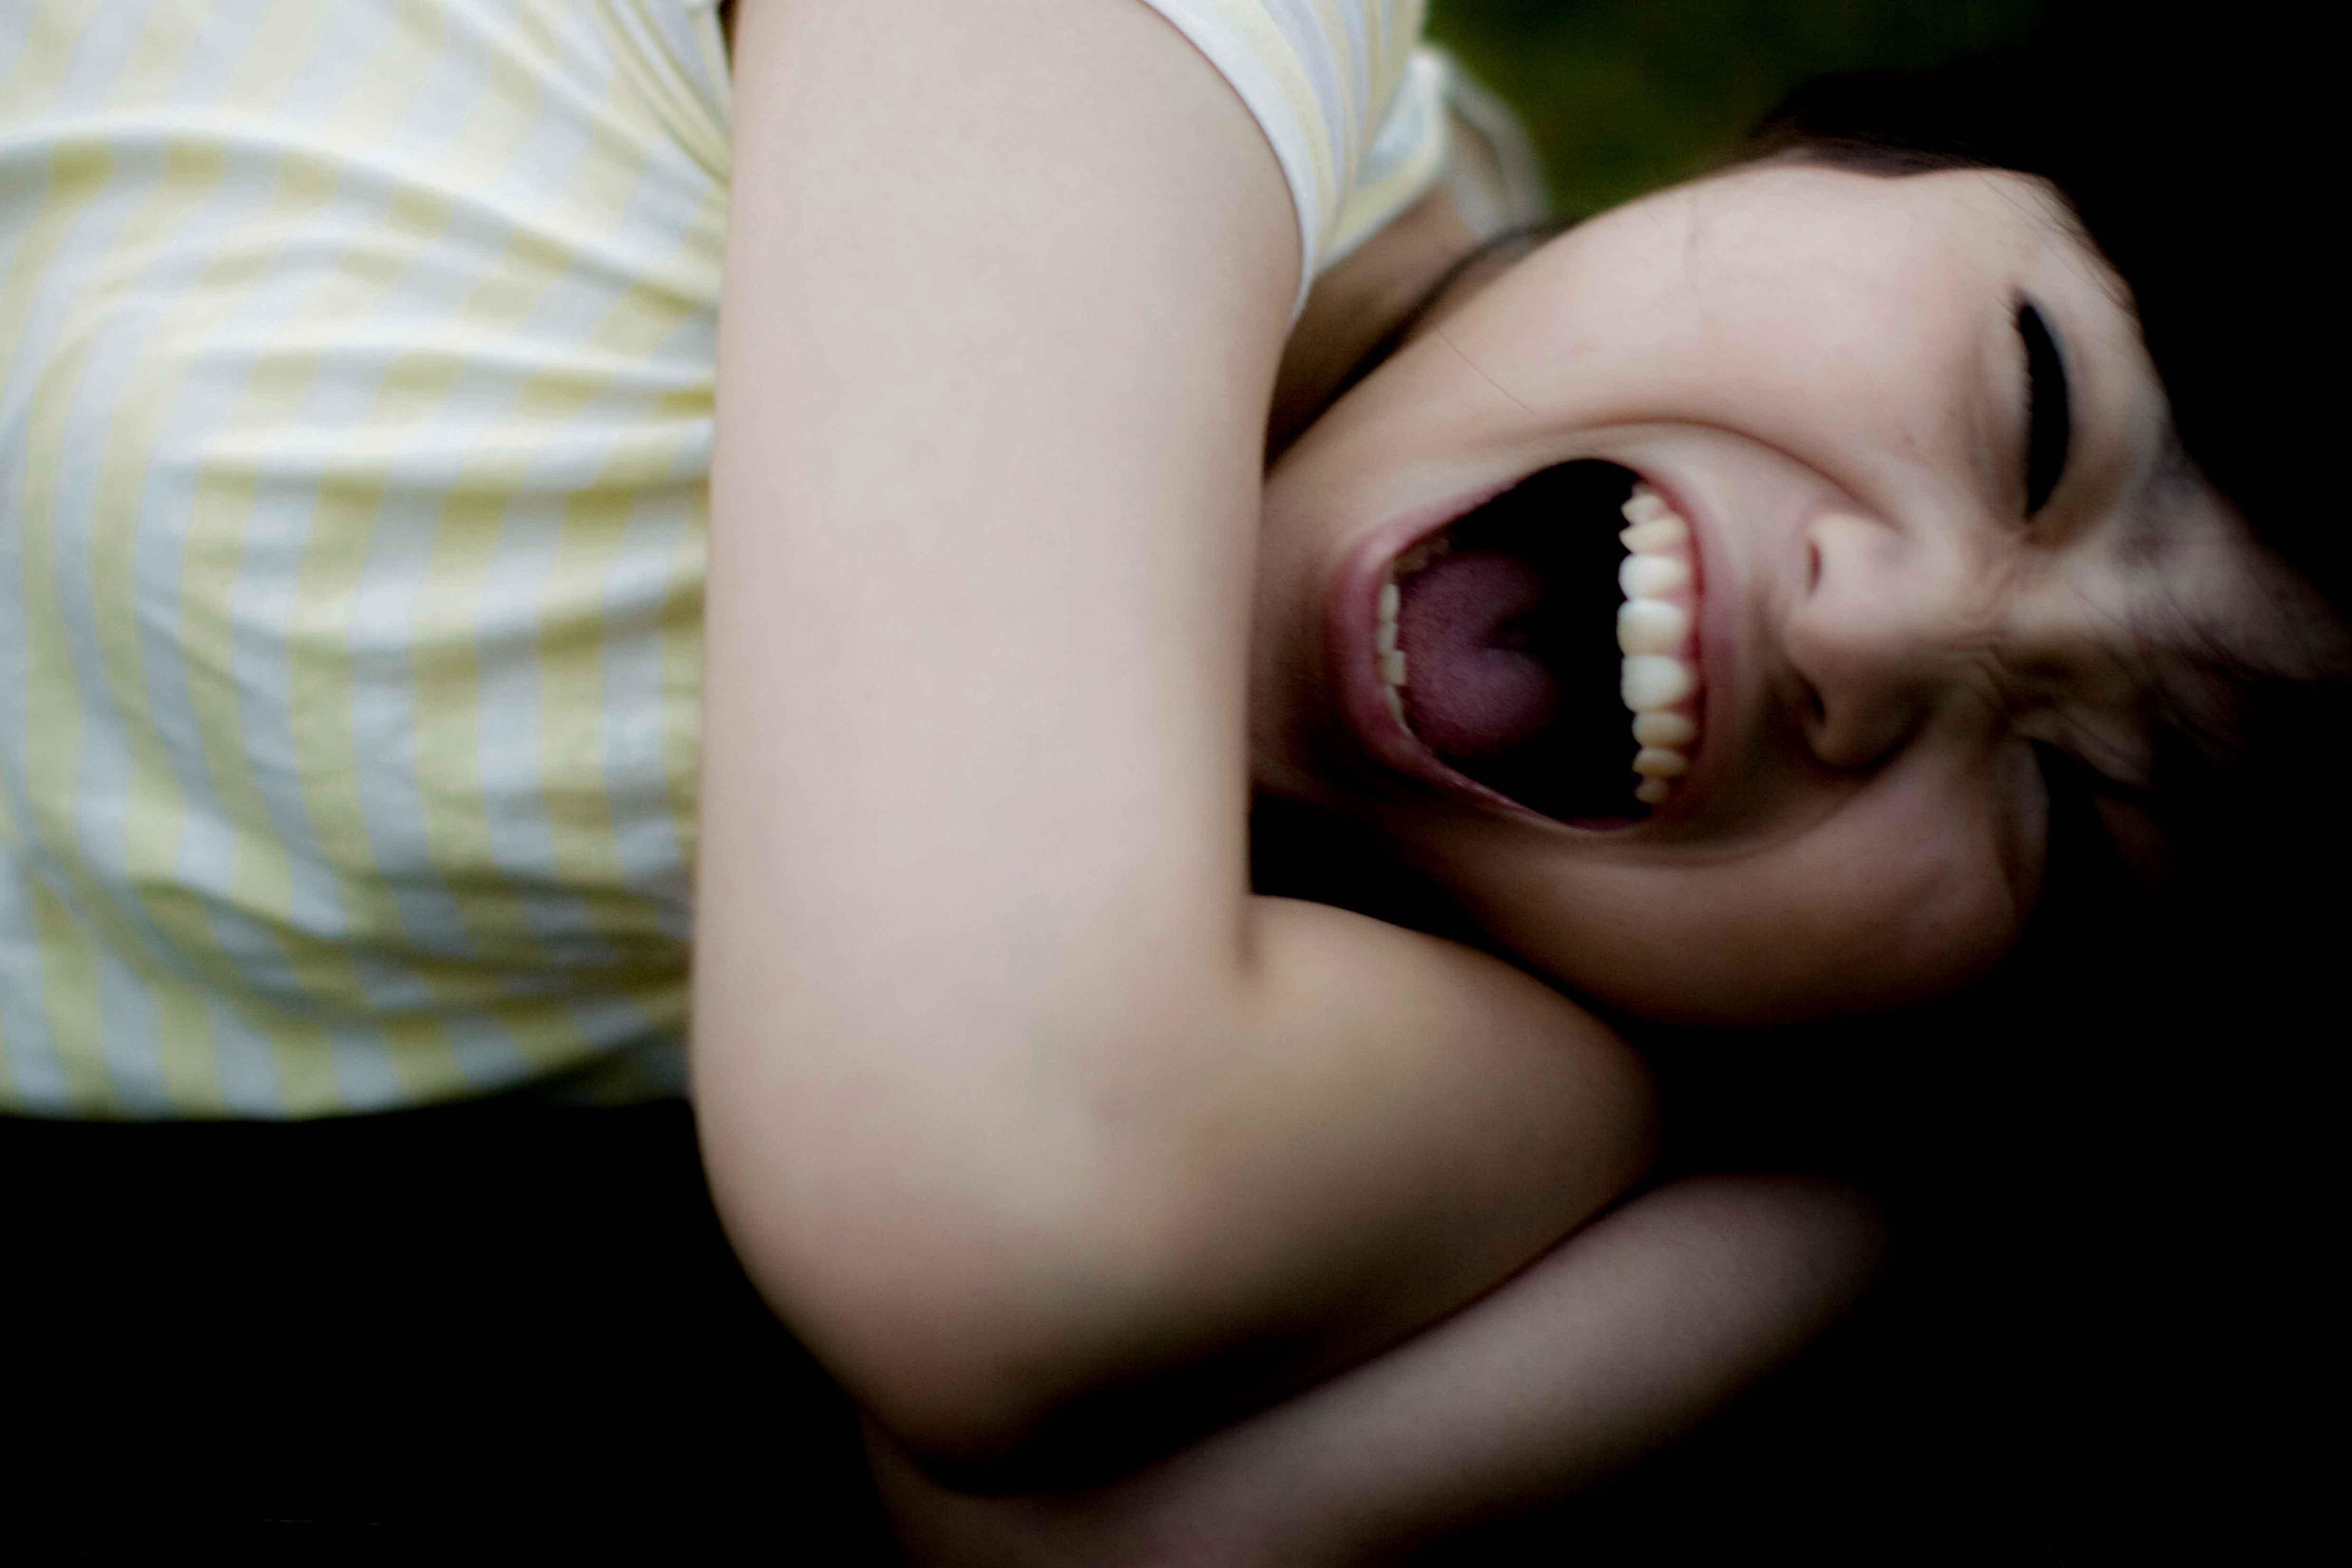 横たわり叫ぶ女性